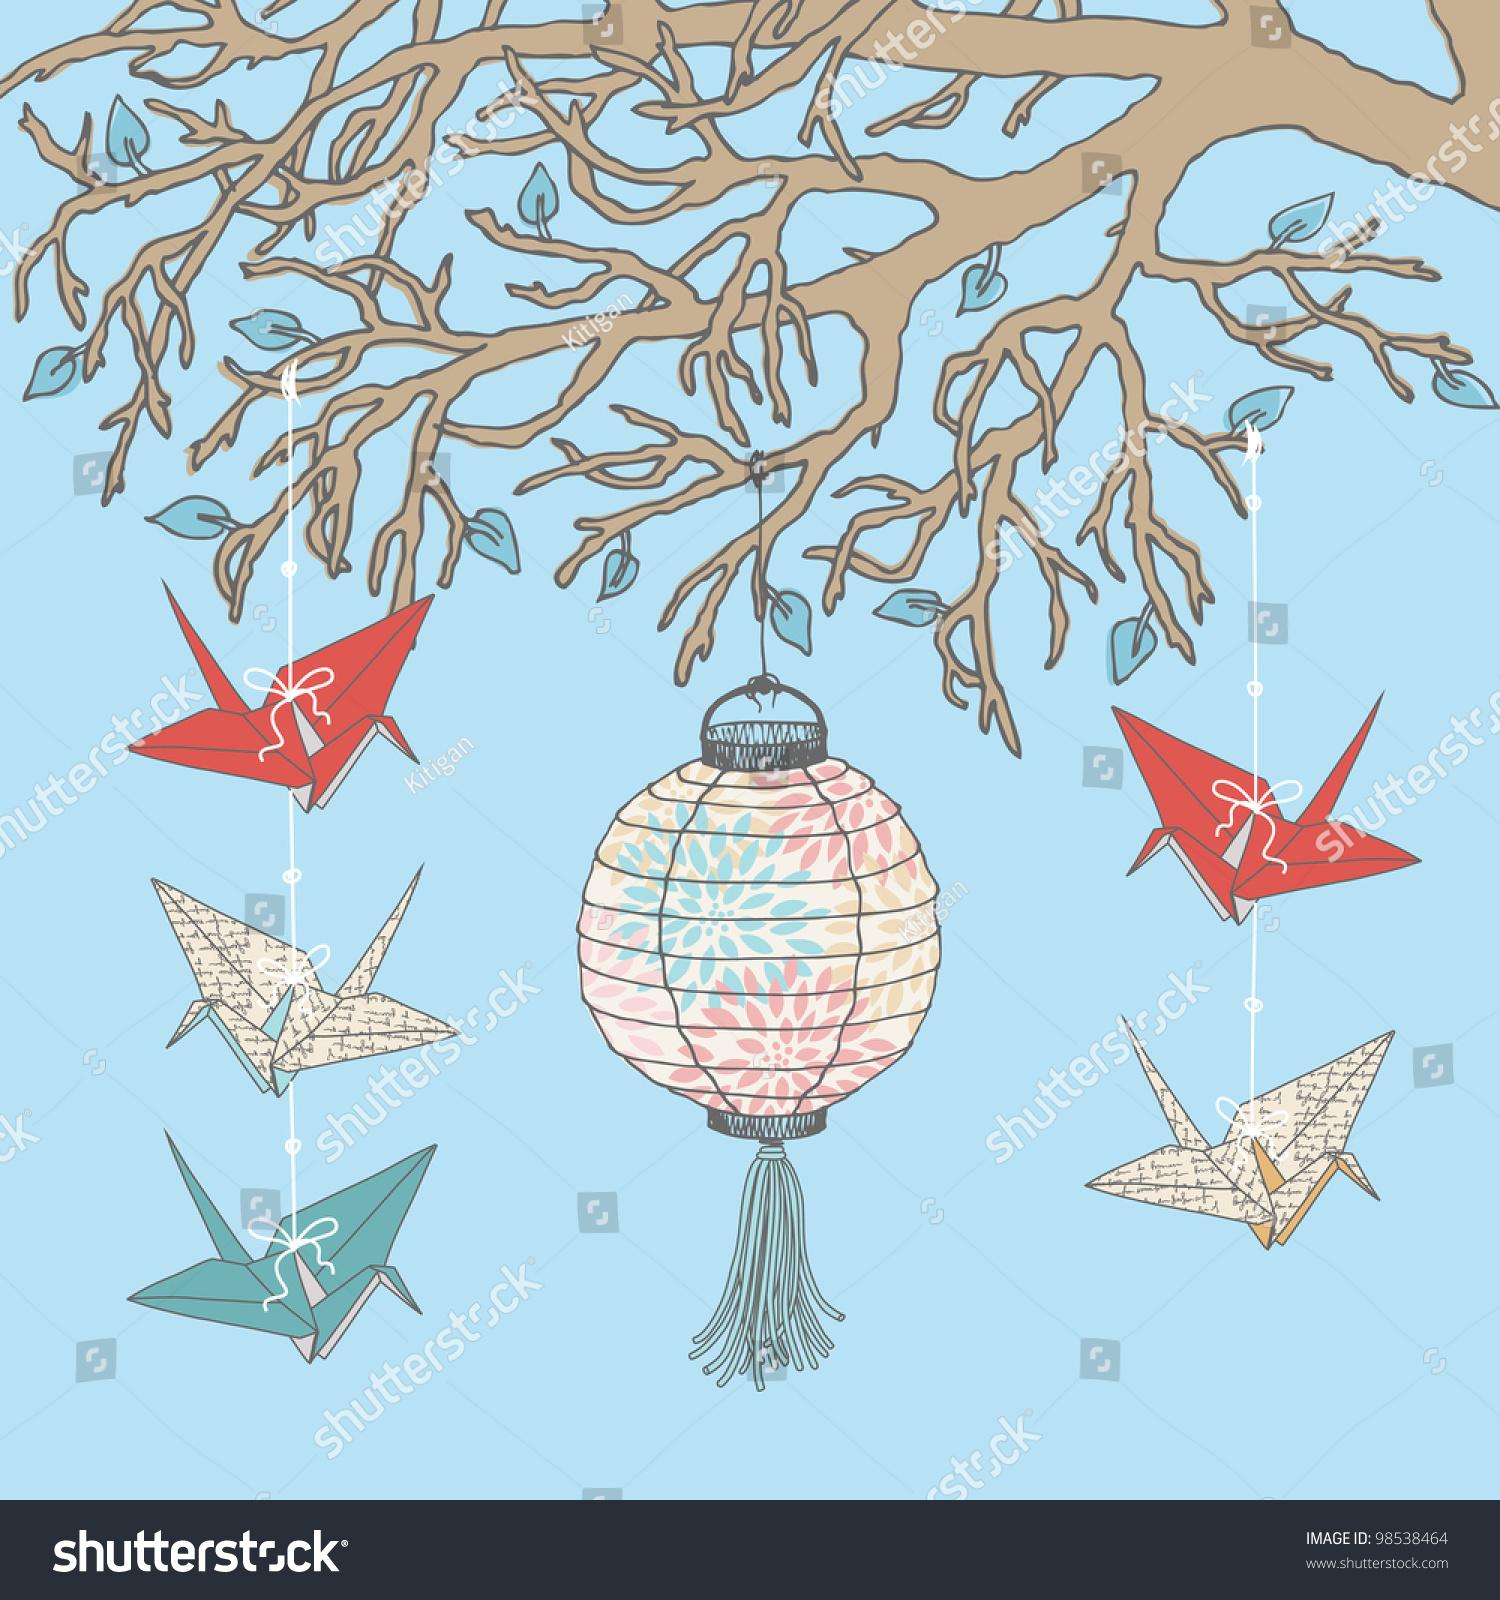 悬挂在树枝上的纸鹤和纸灯笼-物体,自然-海洛创意()-.